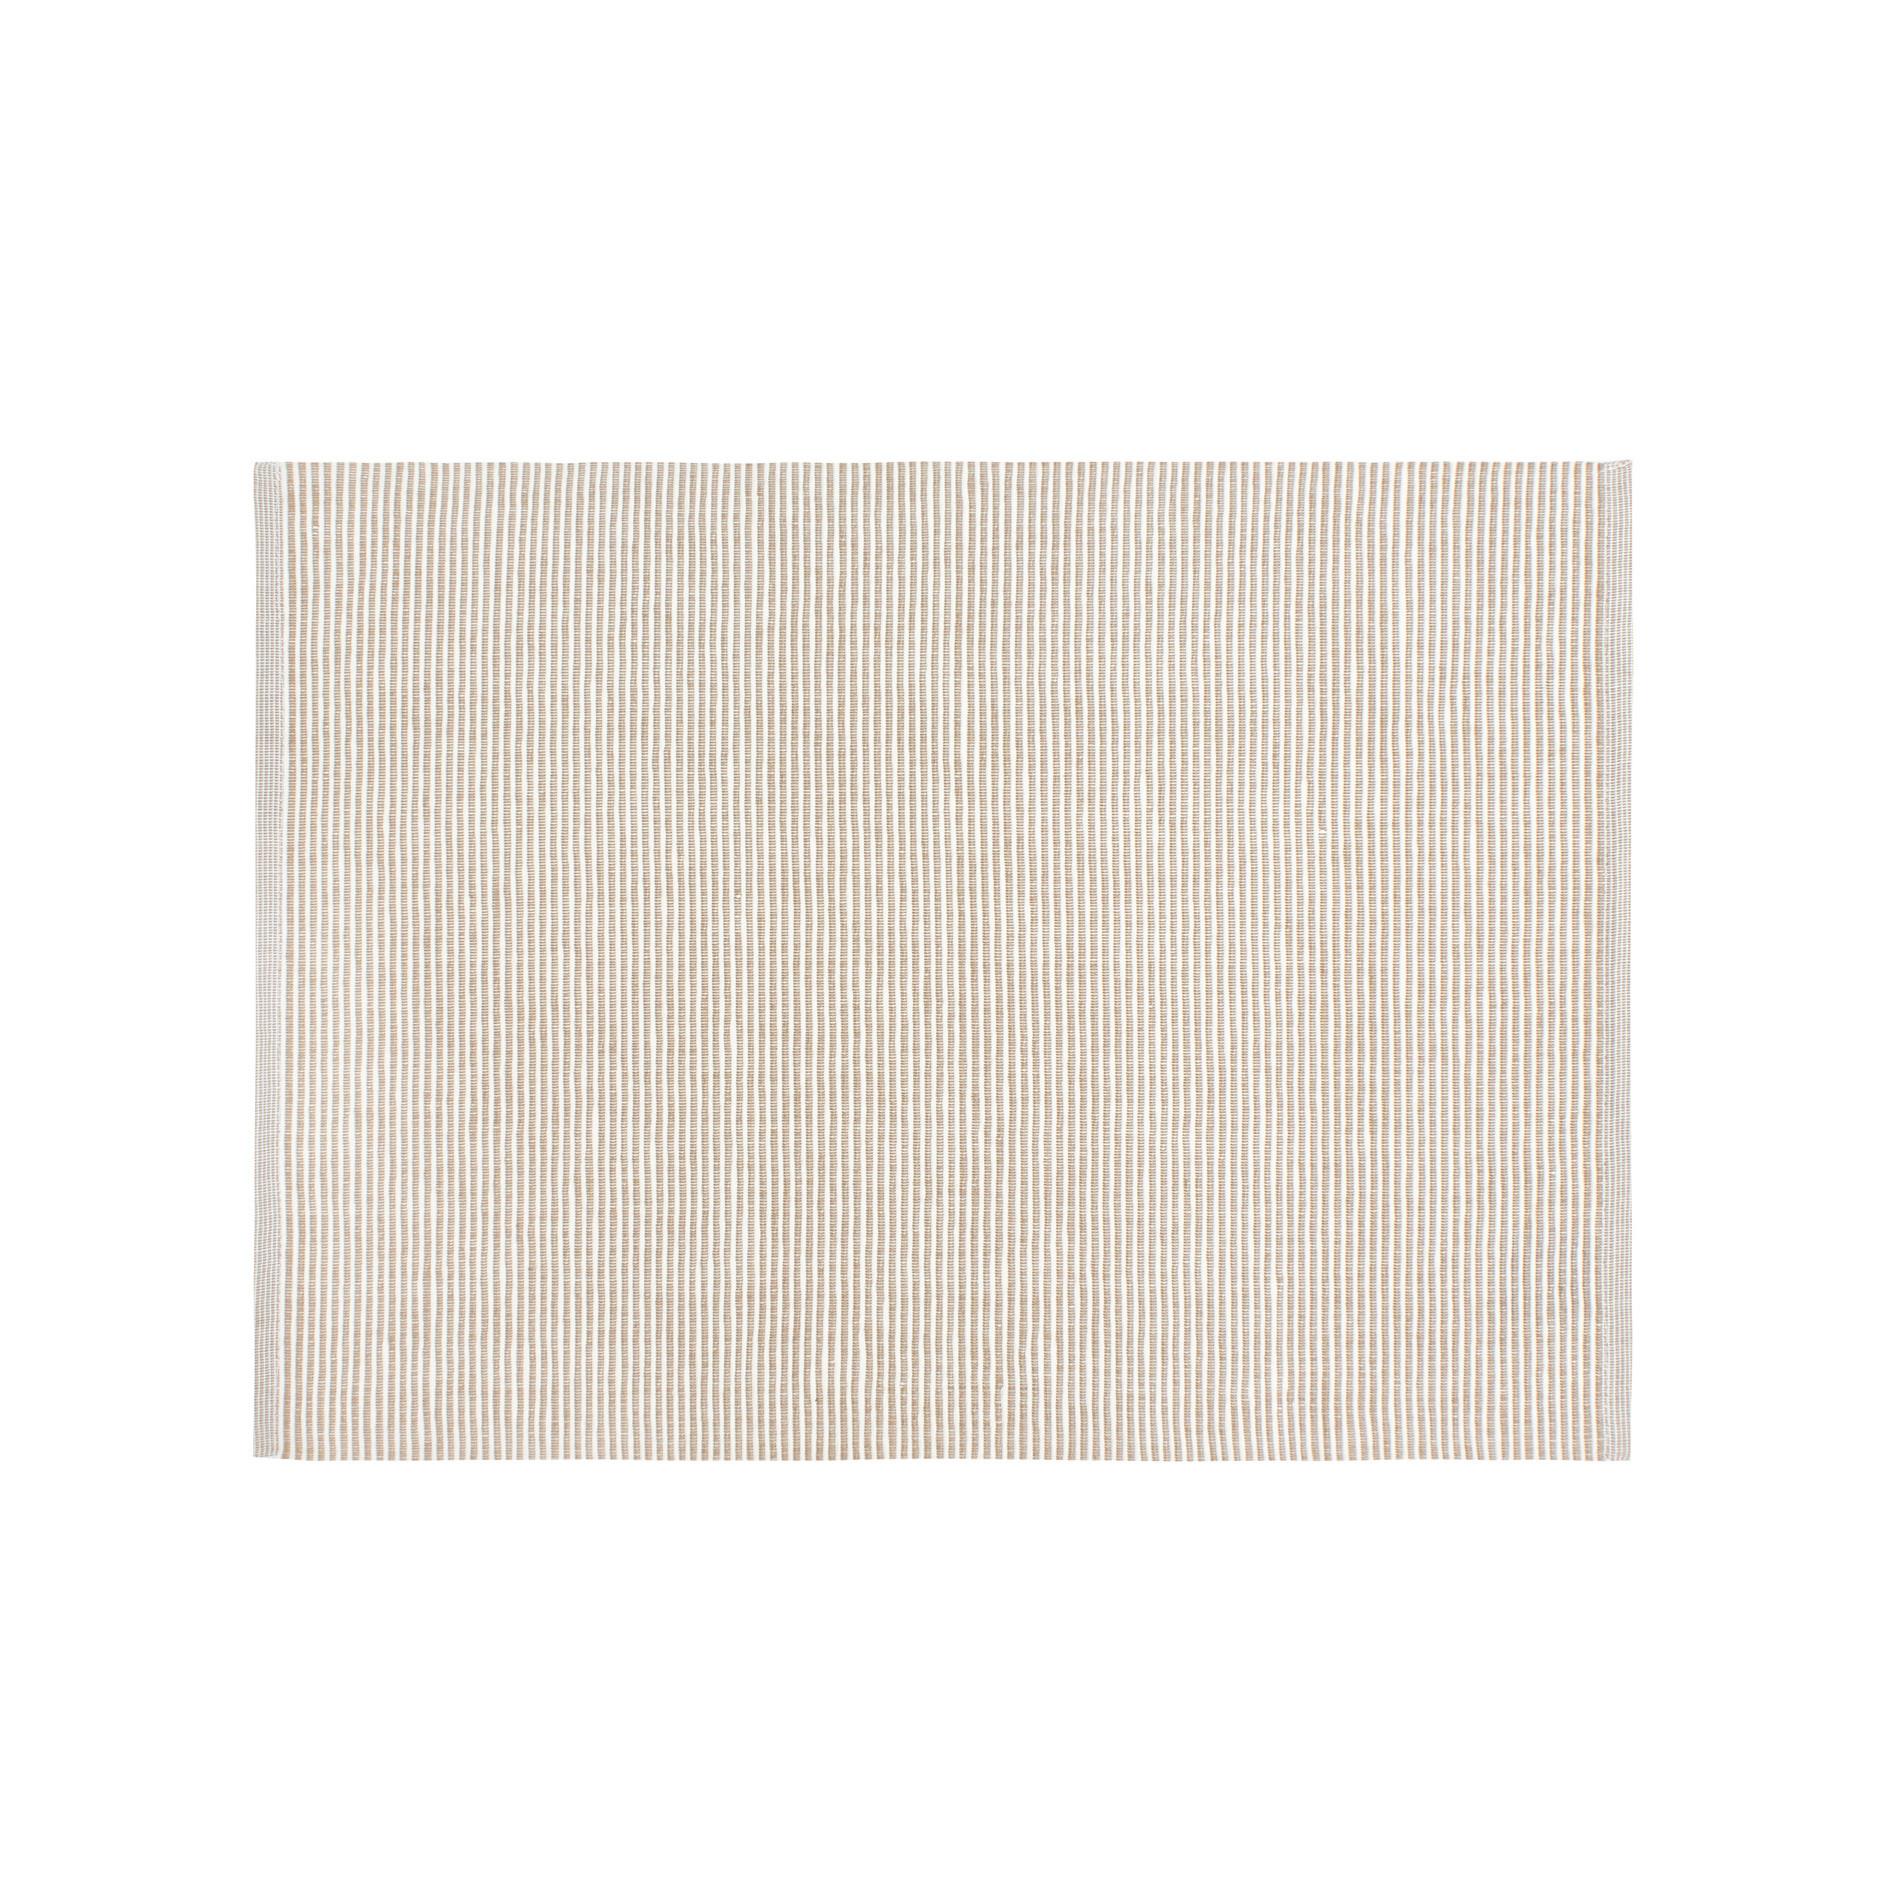 Tovaglietta in costina di cotone a righe, Bianco/Beige, large image number 0